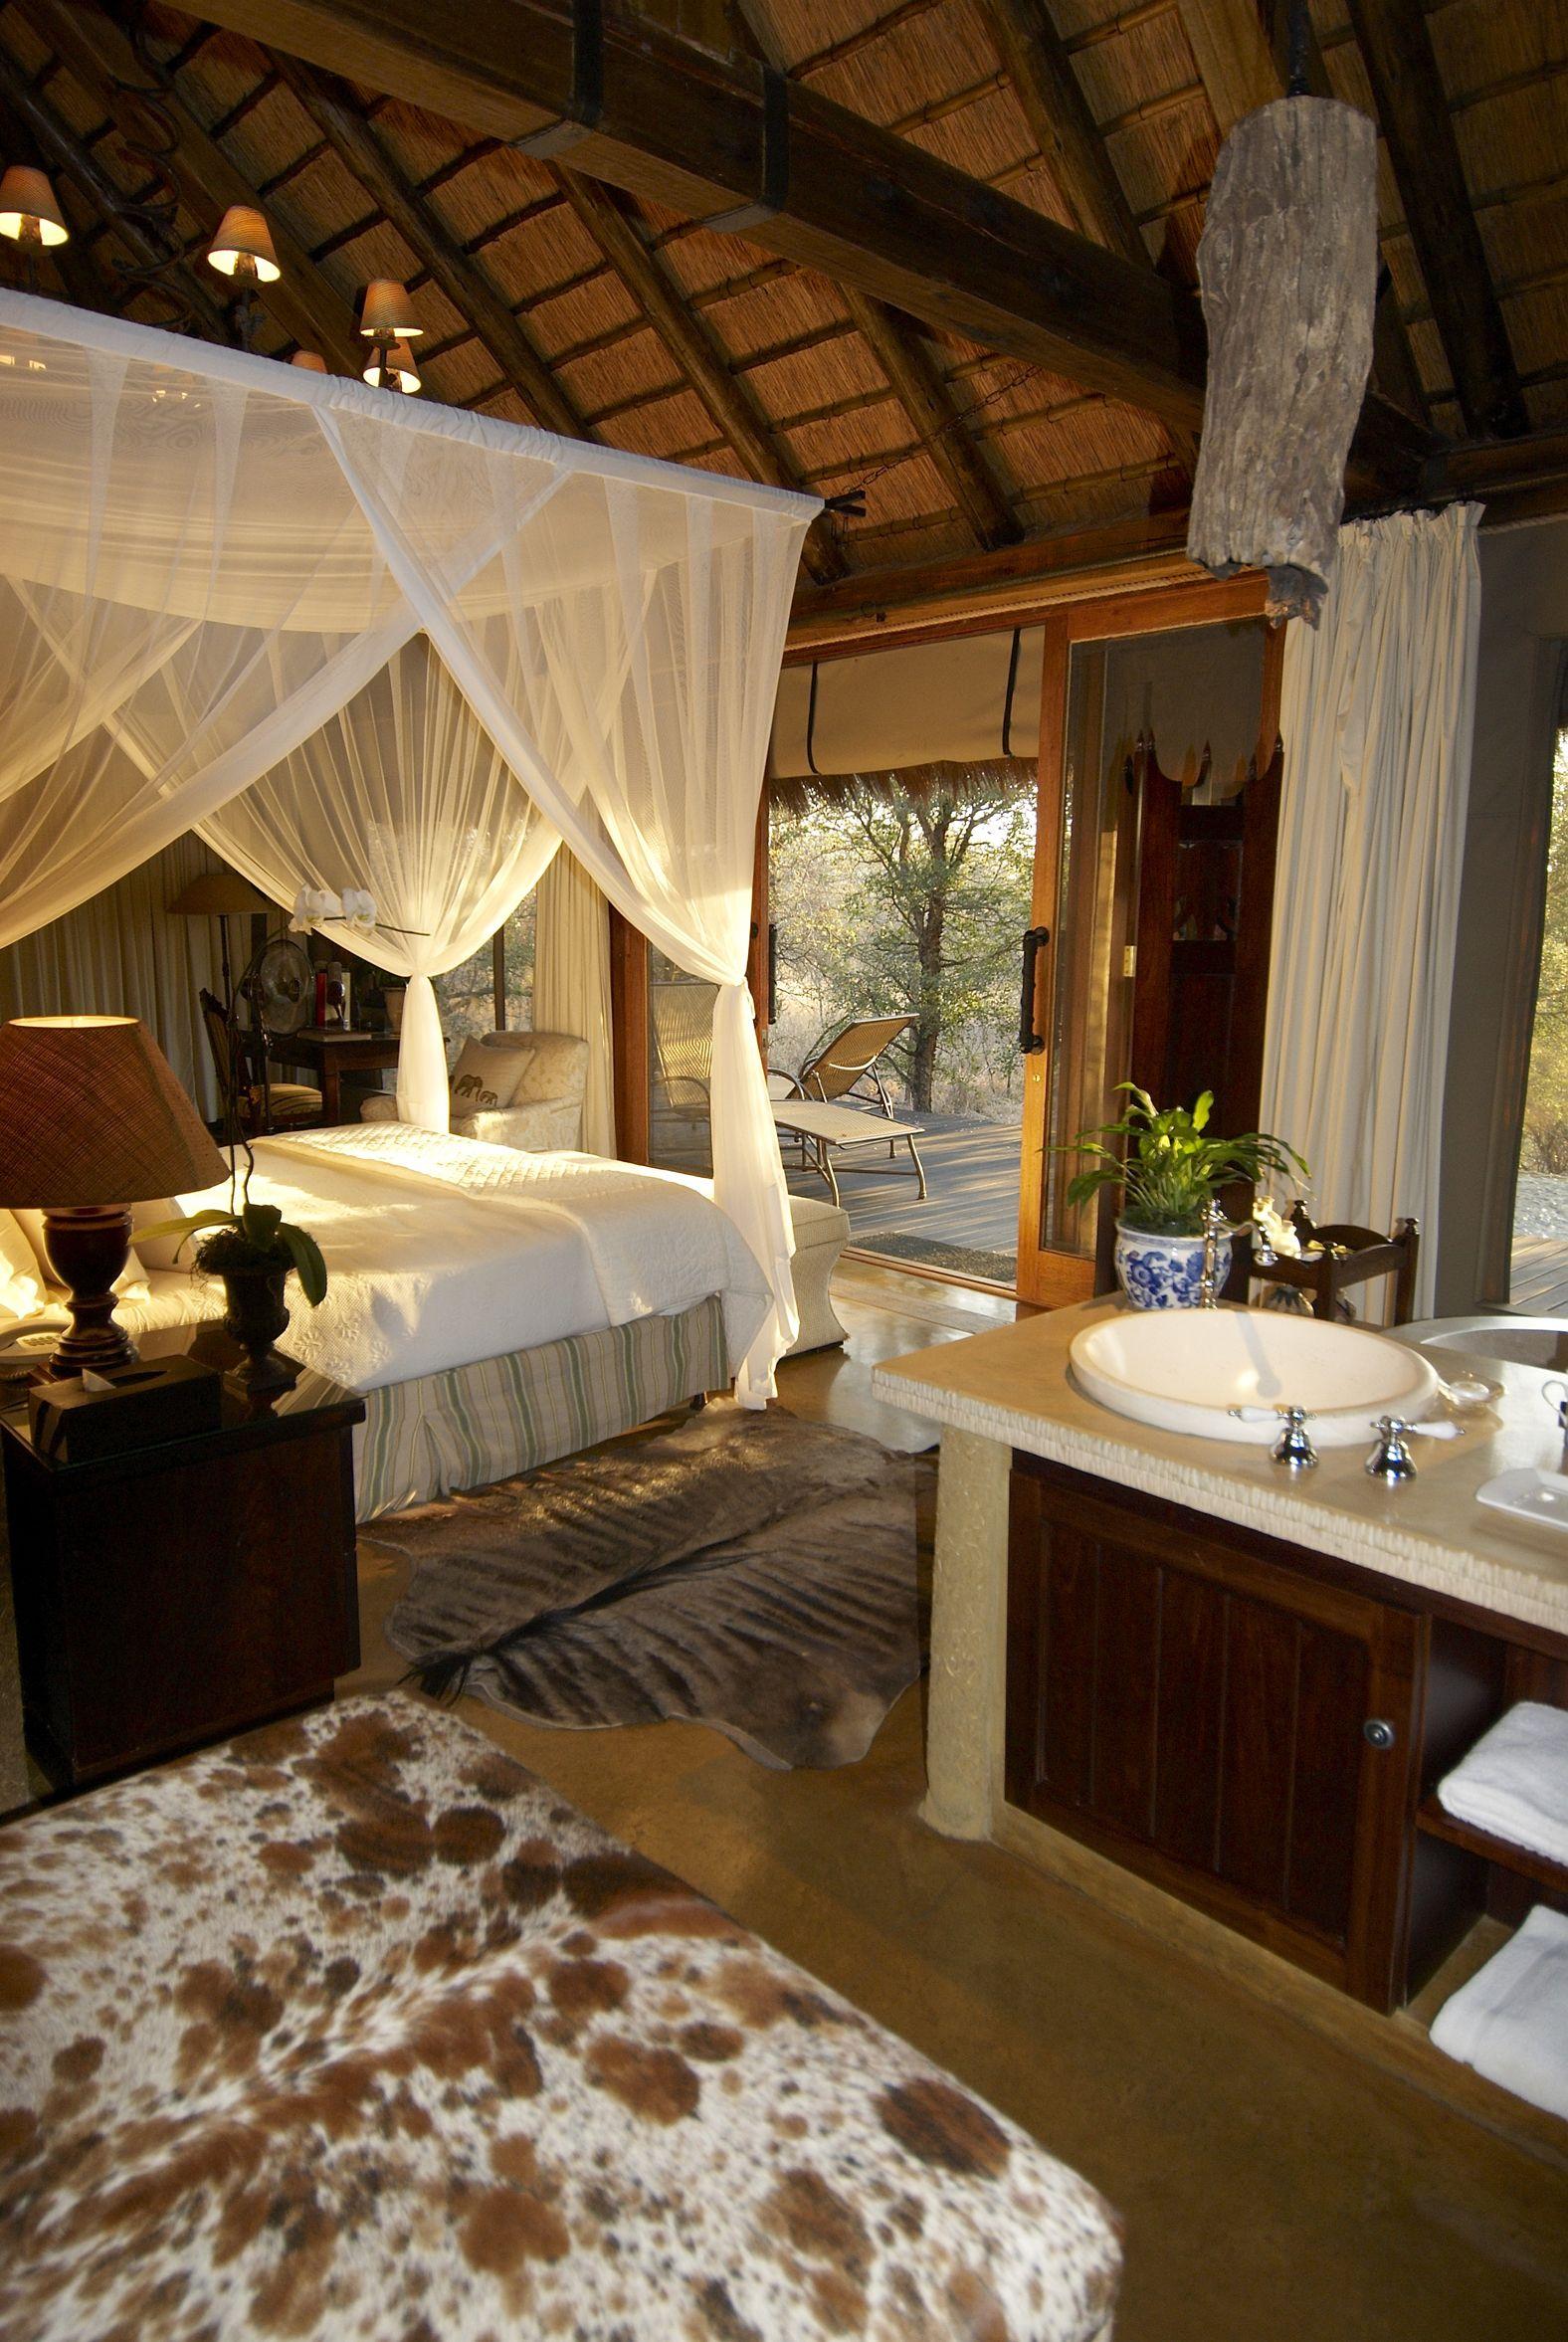 Home Interior Design Game Online: Kapama Game Reserve, Hoedspruit, South